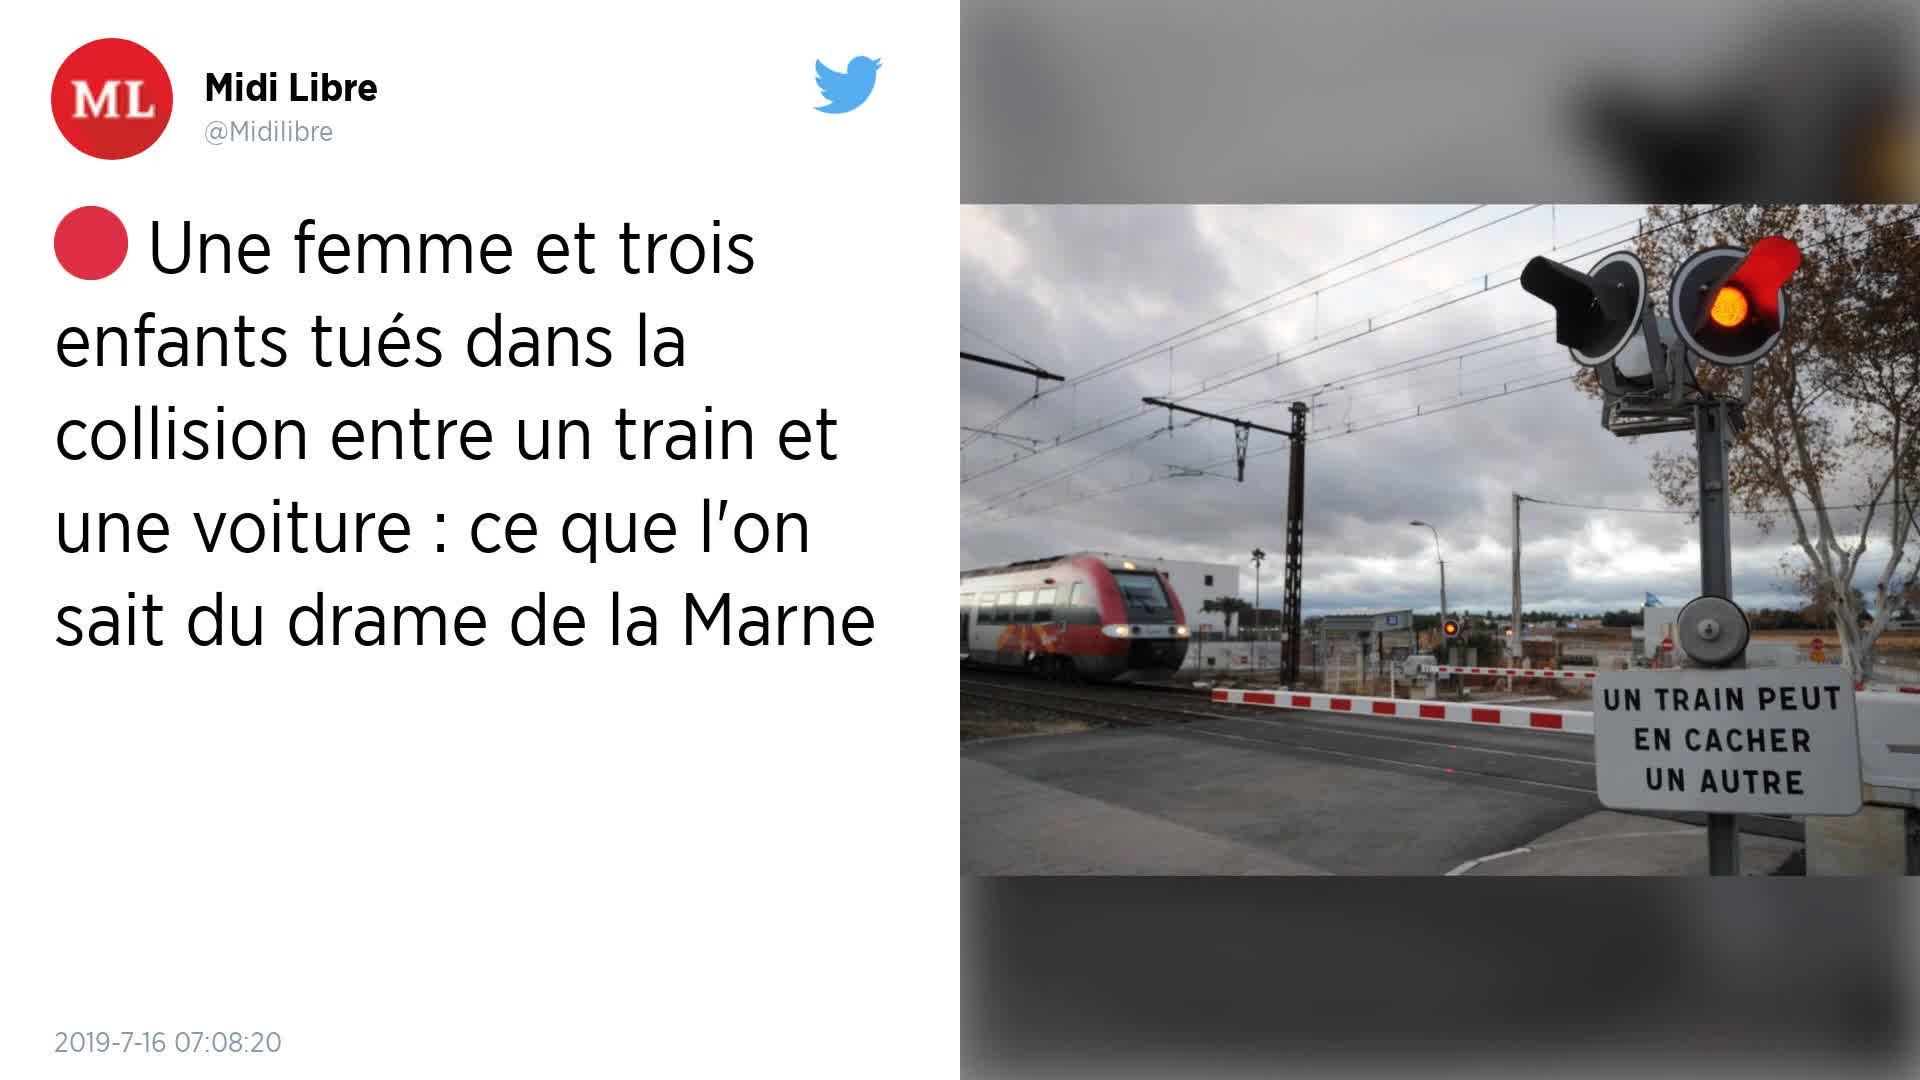 Accident Sur Était Les Voies Engagée Un MarneQuatre De TrainLa « Dans Voiture Morts » DW9IeEH2Y